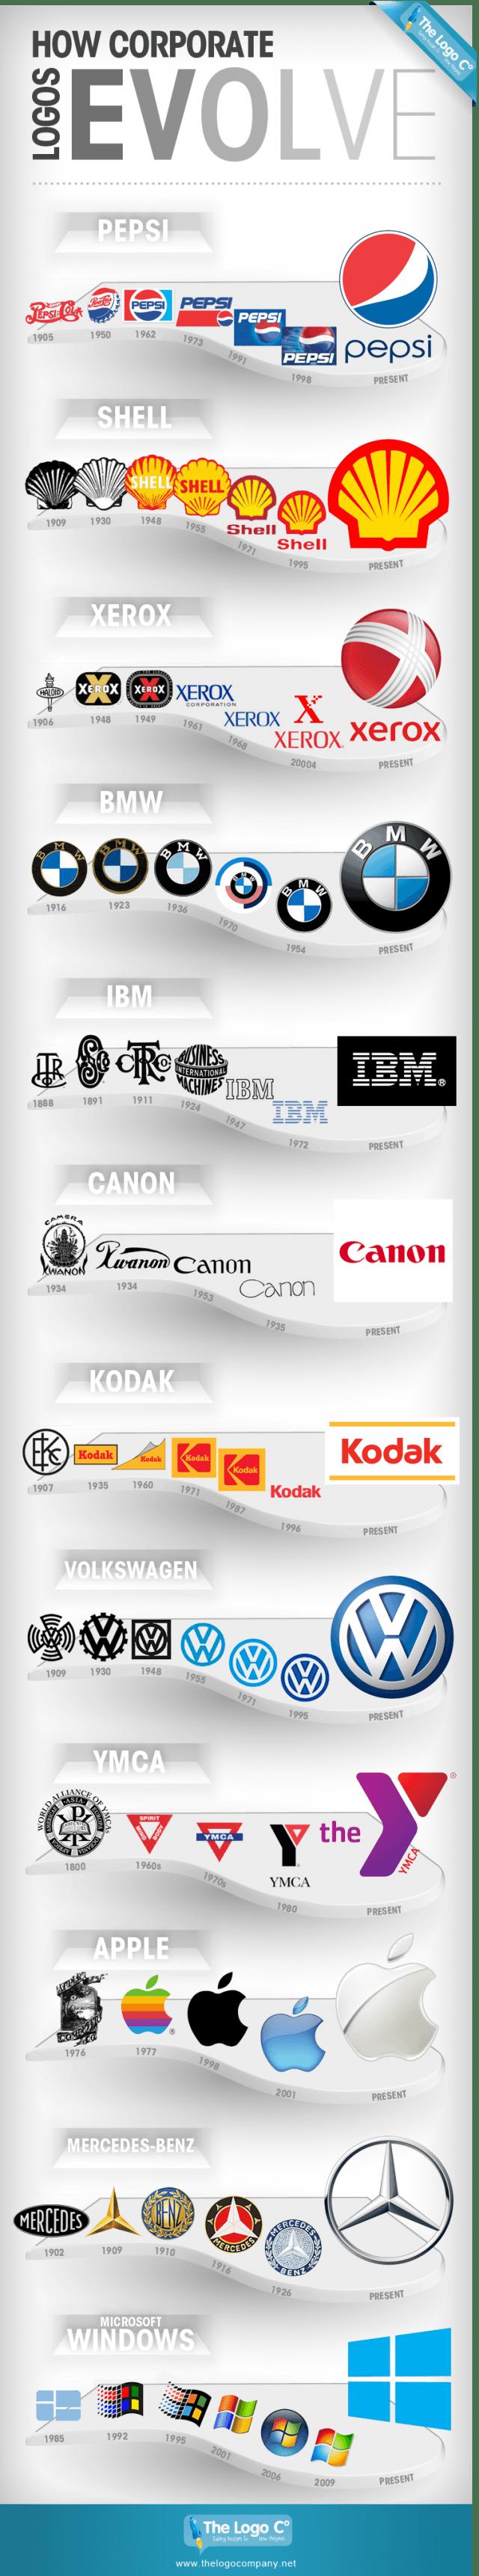 Logos_Evolve-Infographic-640x3445